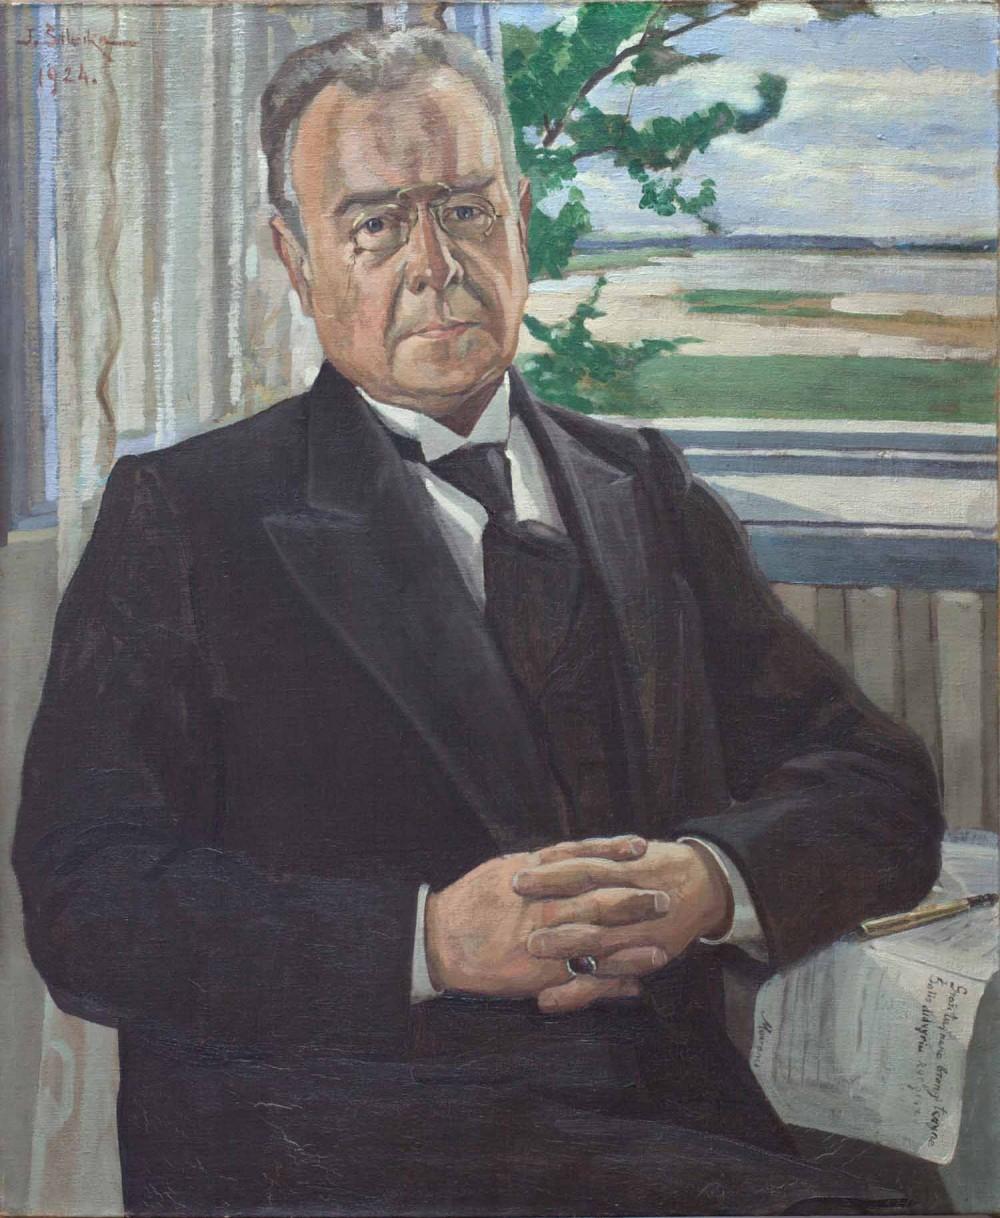 Dail. J. Šileika. 1924 m. Tai – vienintelis portretas, kuriame poetas vilki pasauliečio drabužius